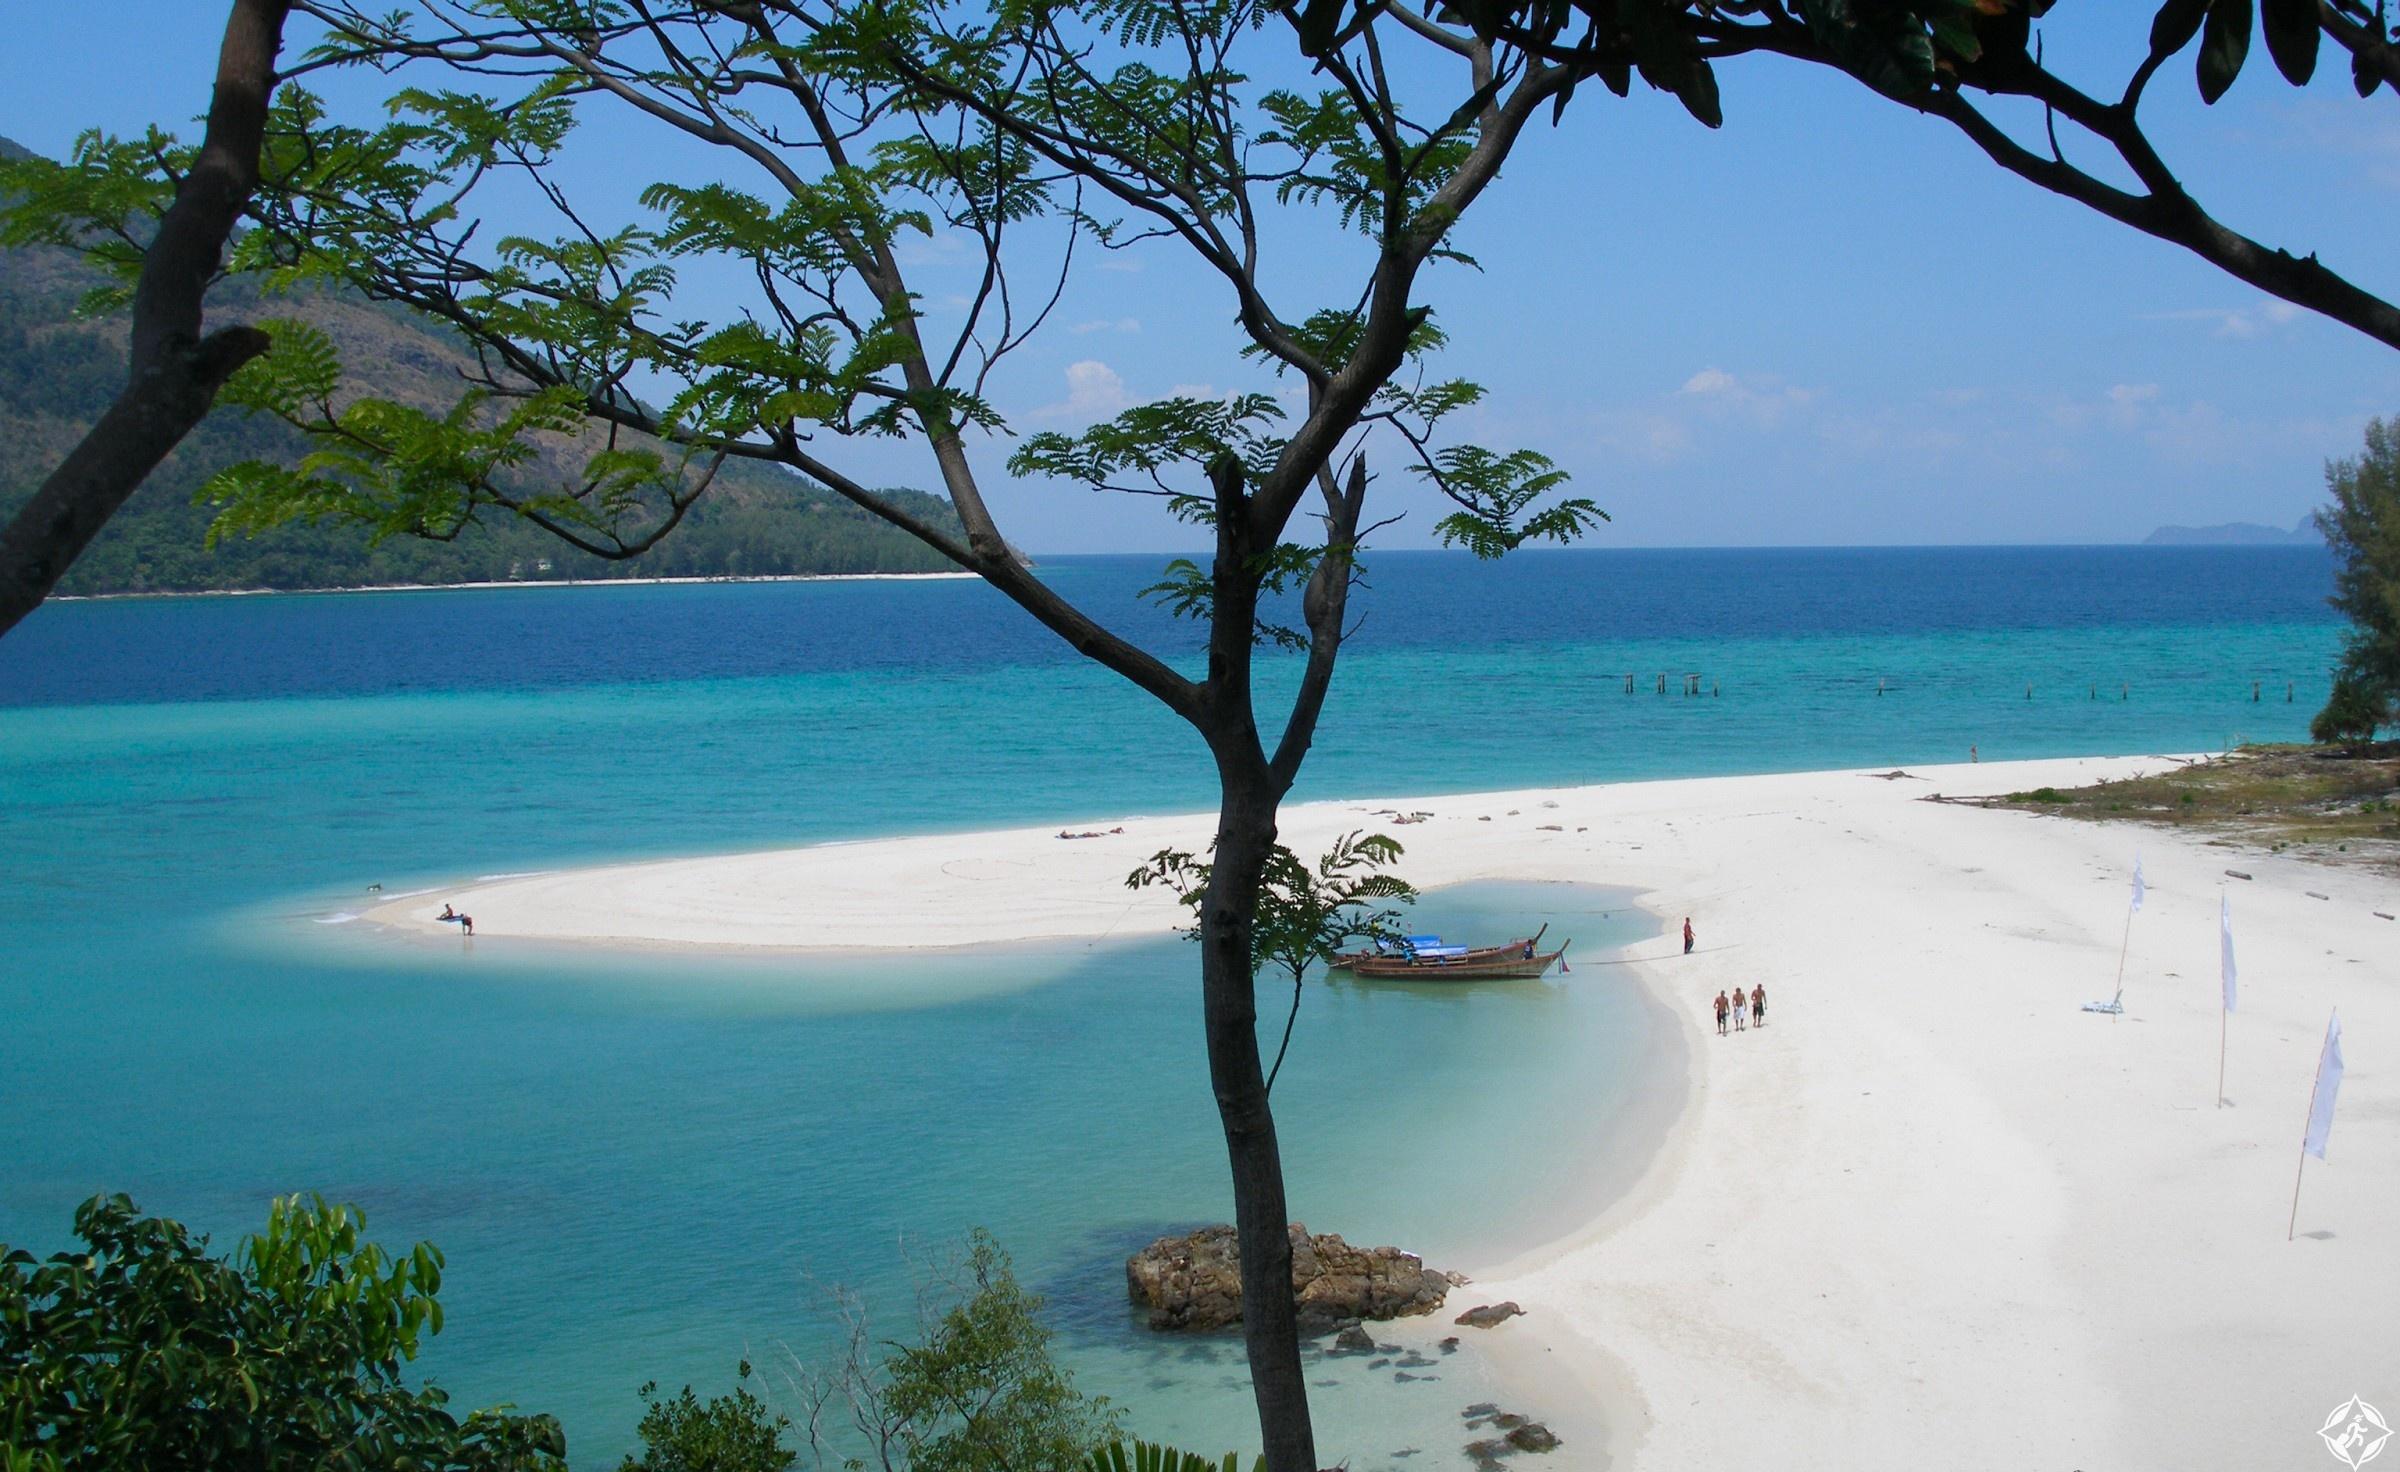 كو كوت الجزيرة الأكثر هدوءا وخصوصية في تايلند image.php?token=637c5ed6d04cf5cb098e524c13487f59&size=large